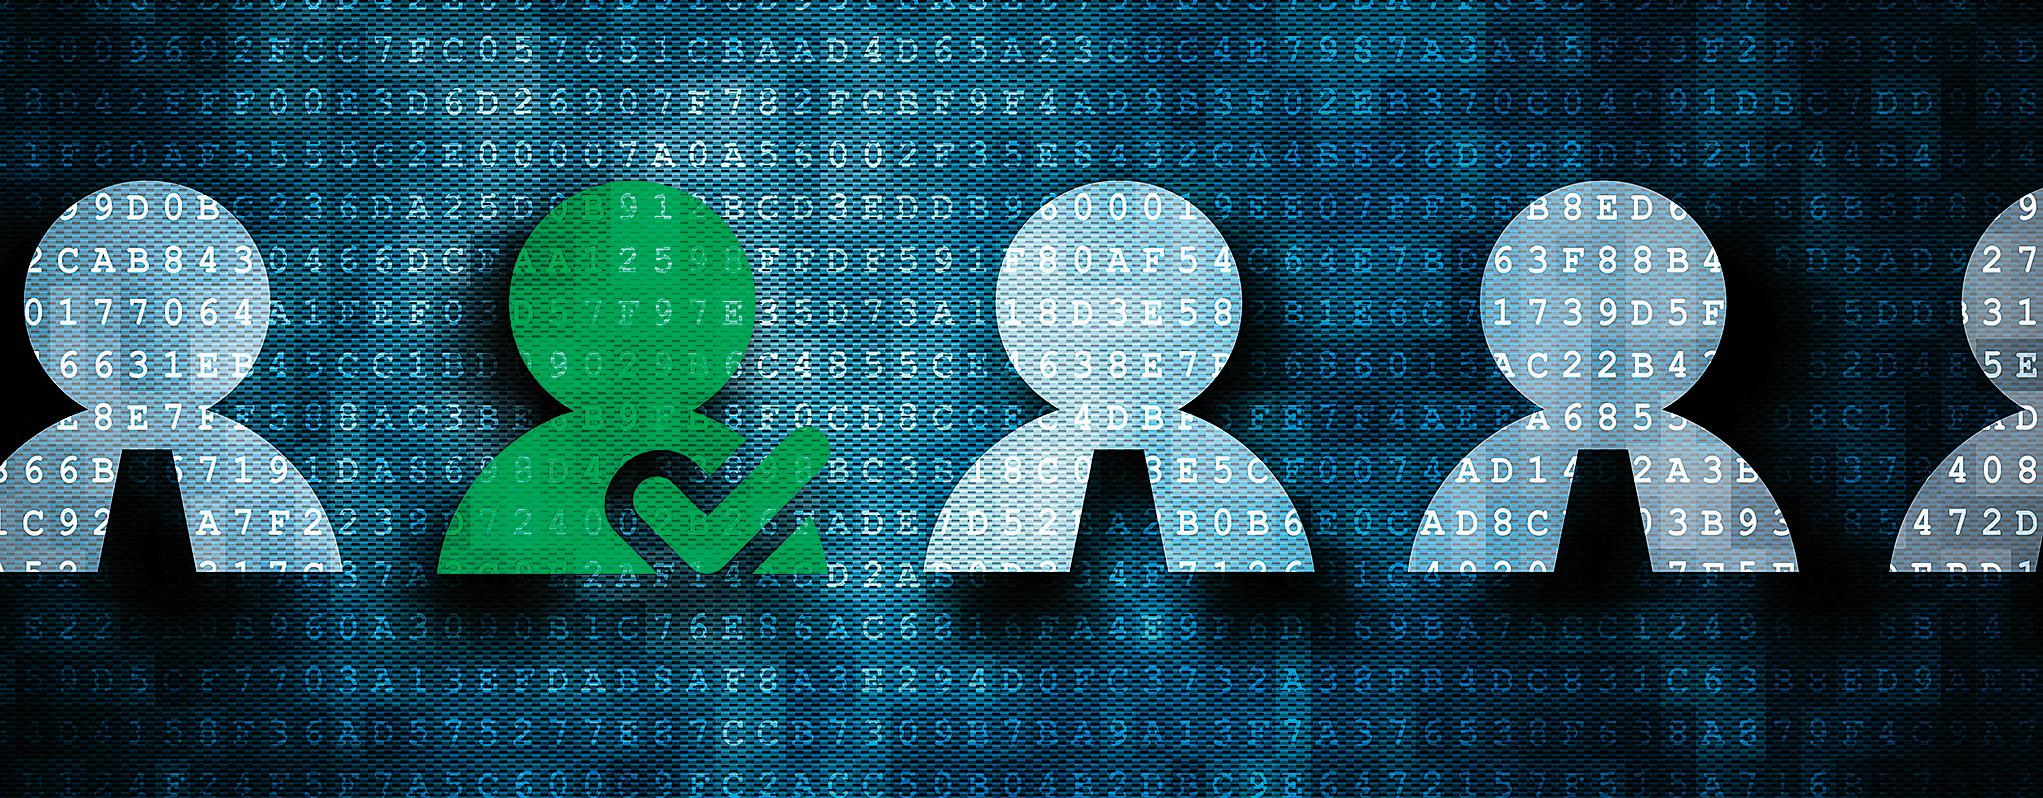 Datenschutz So Gehen Kliniken Korrekt Mit Mitarbeiterdaten Um